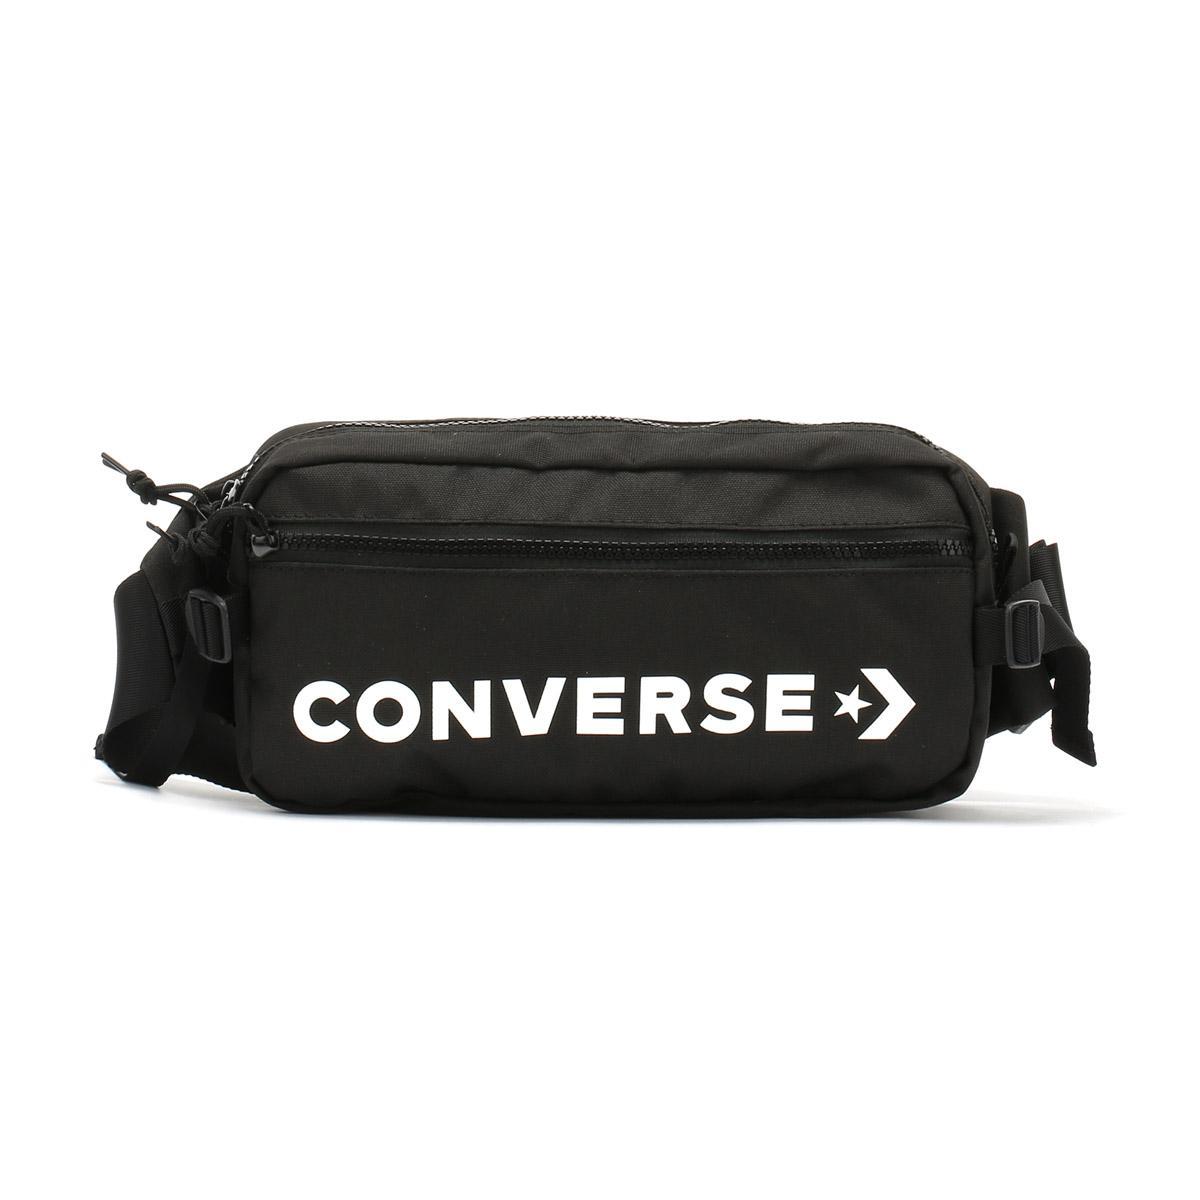 Lyst - Converse Black   White Fast Pack Sling Bag in Black for Men c682ddad8c87b